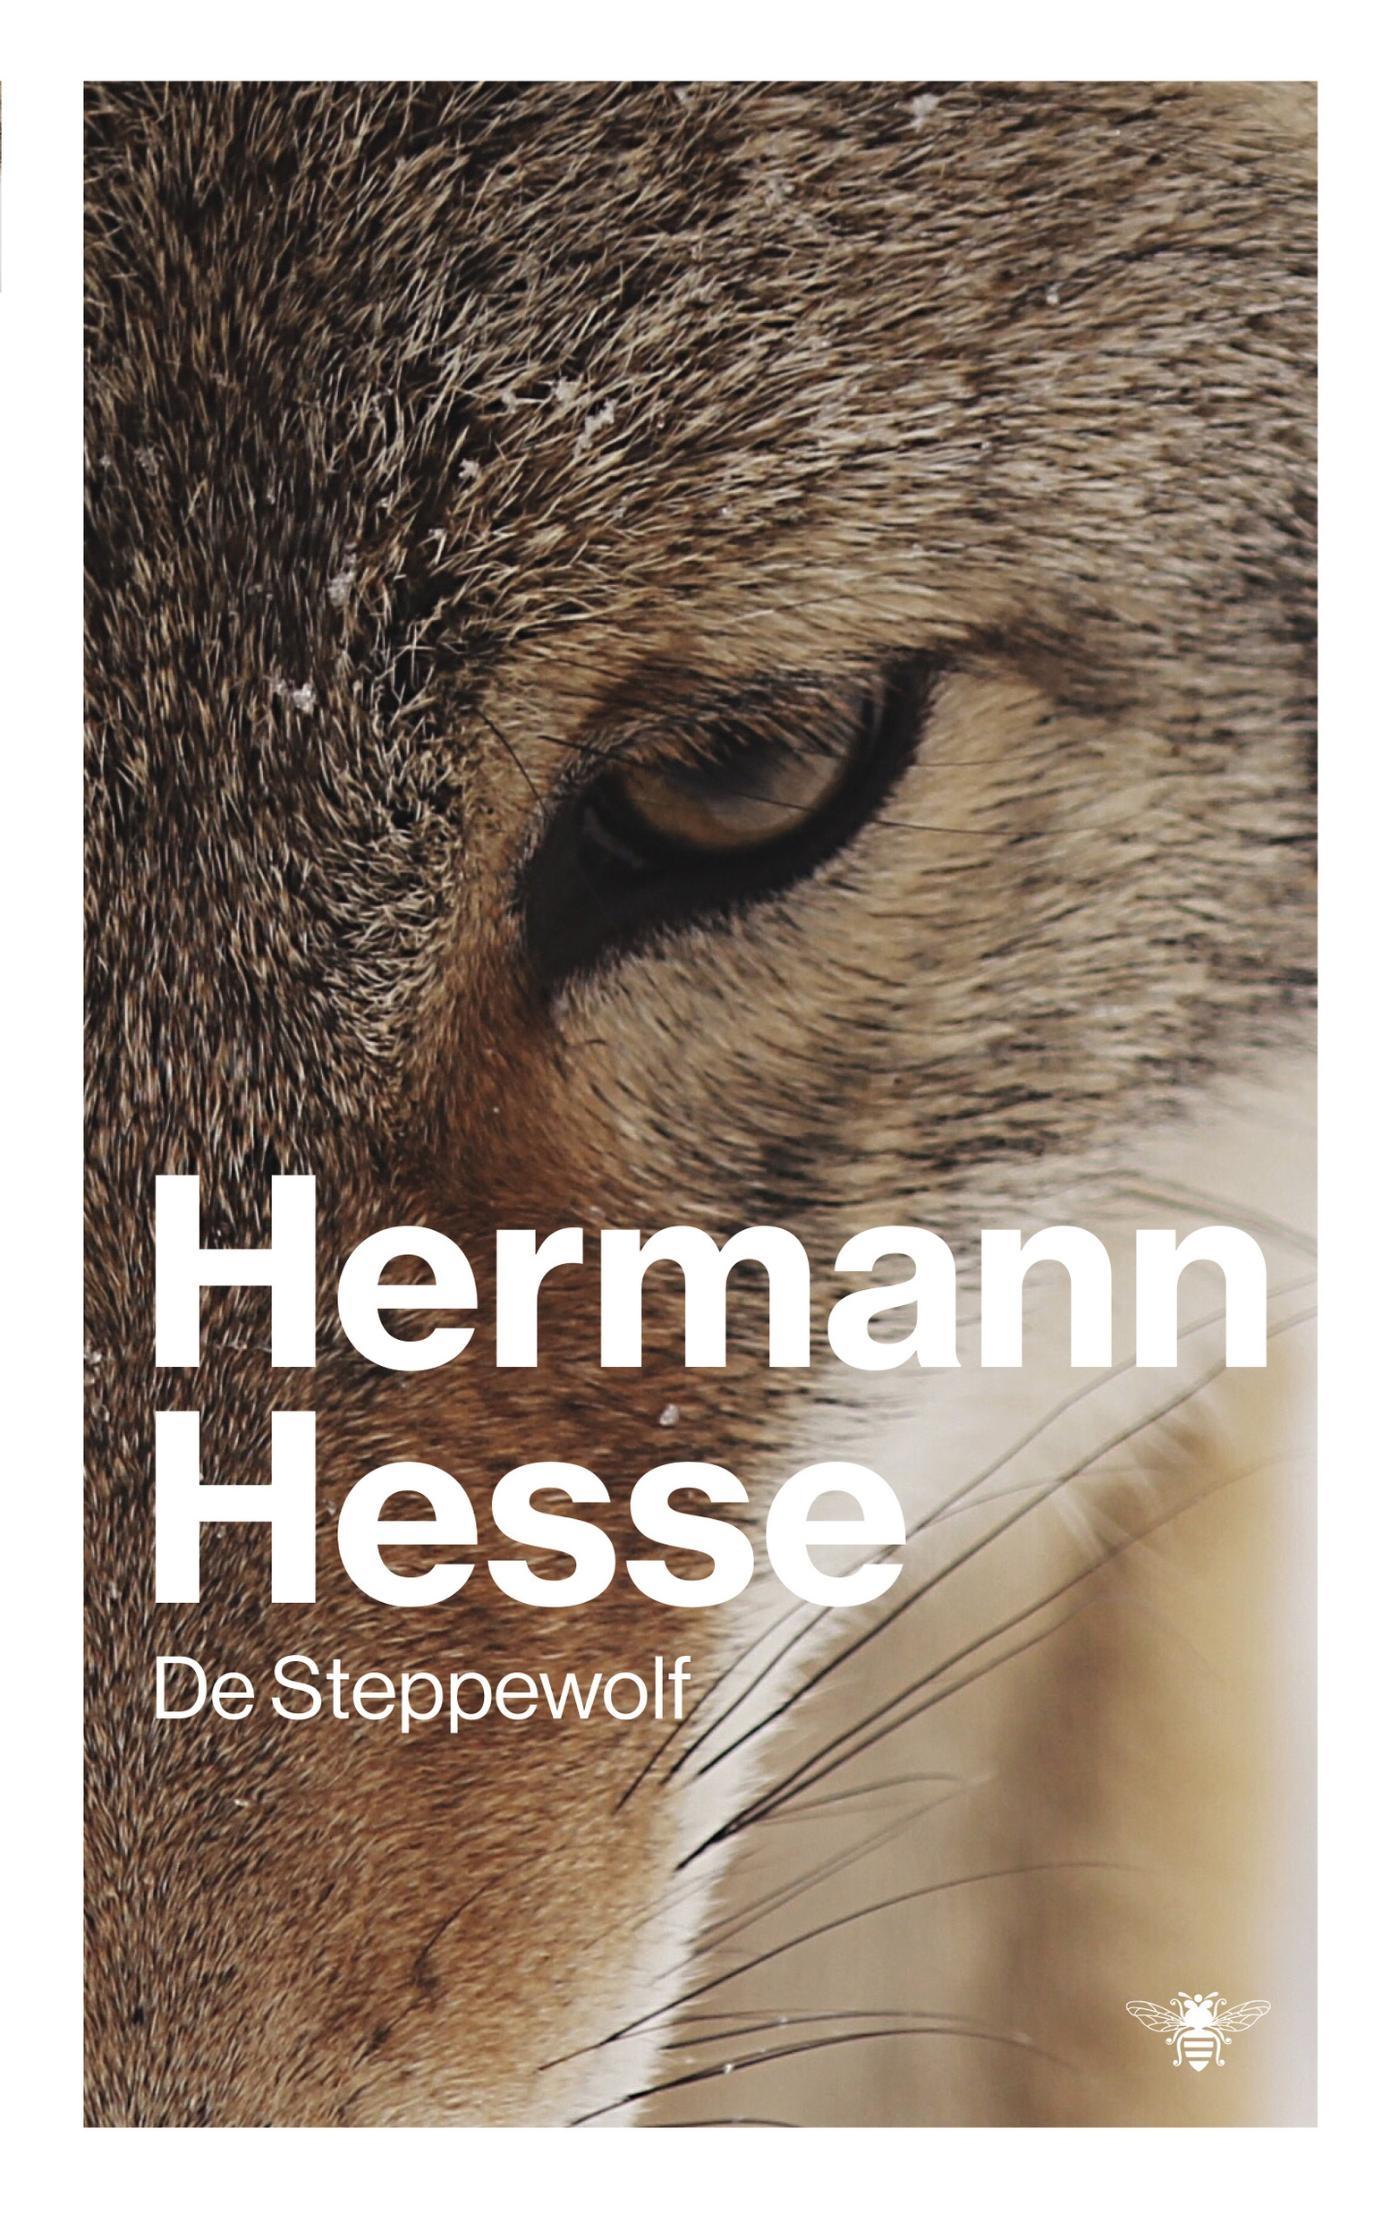 De steppewolf - boekrecensie